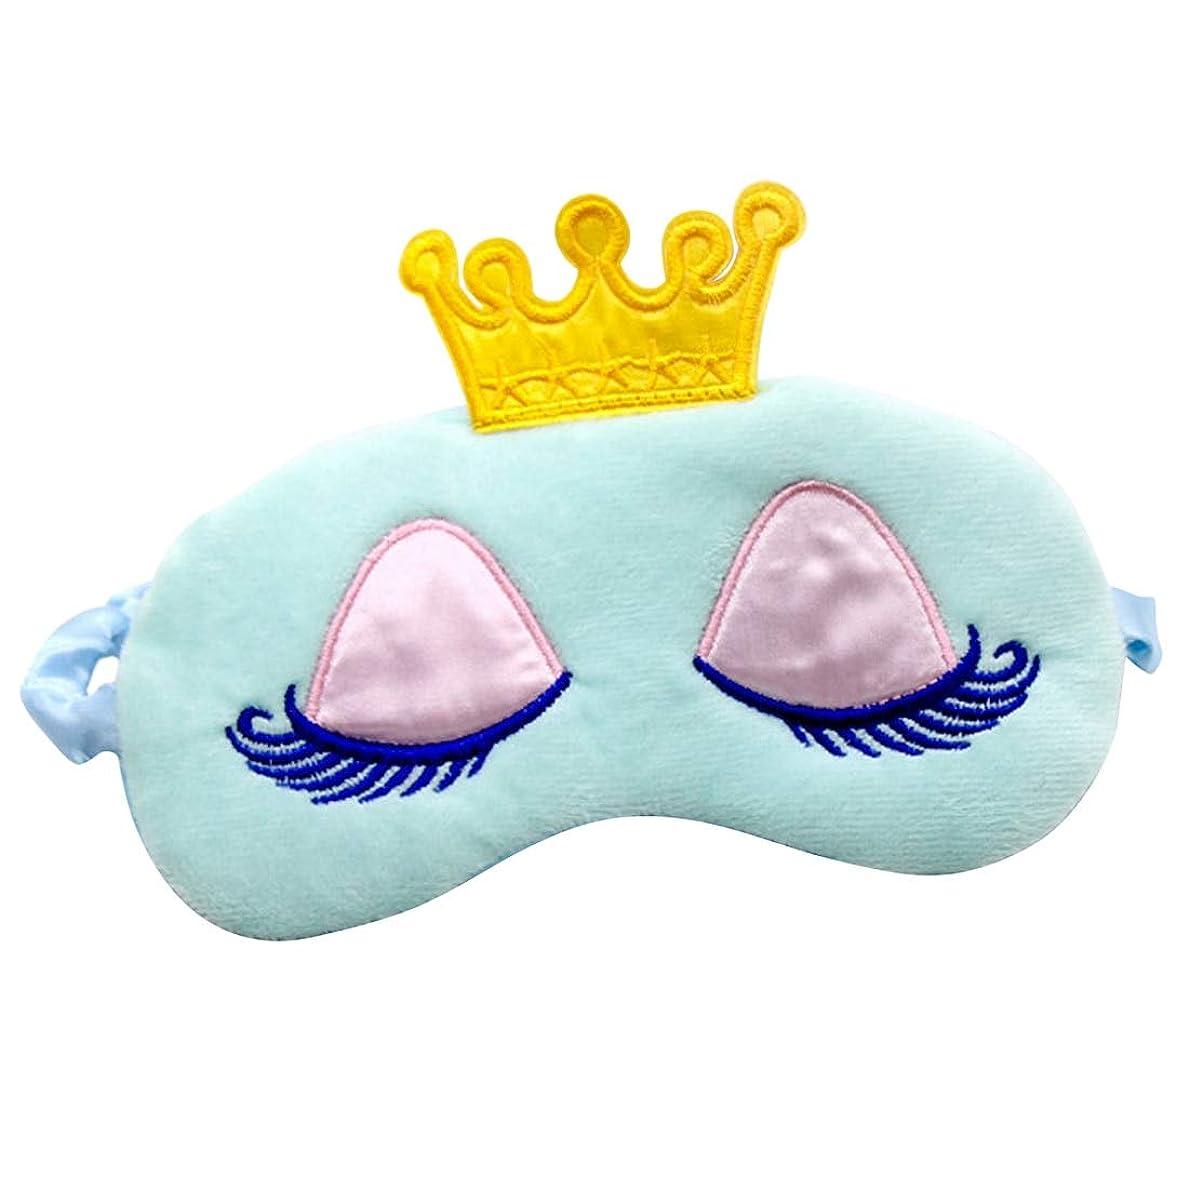 取る失われたトーストNOTE ピンク/ブルークラウン眠れる森の美女アイシェードアイカバースリーピングマスク/トラベル/ホームロングまつげ目隠しかわいいアイカバー